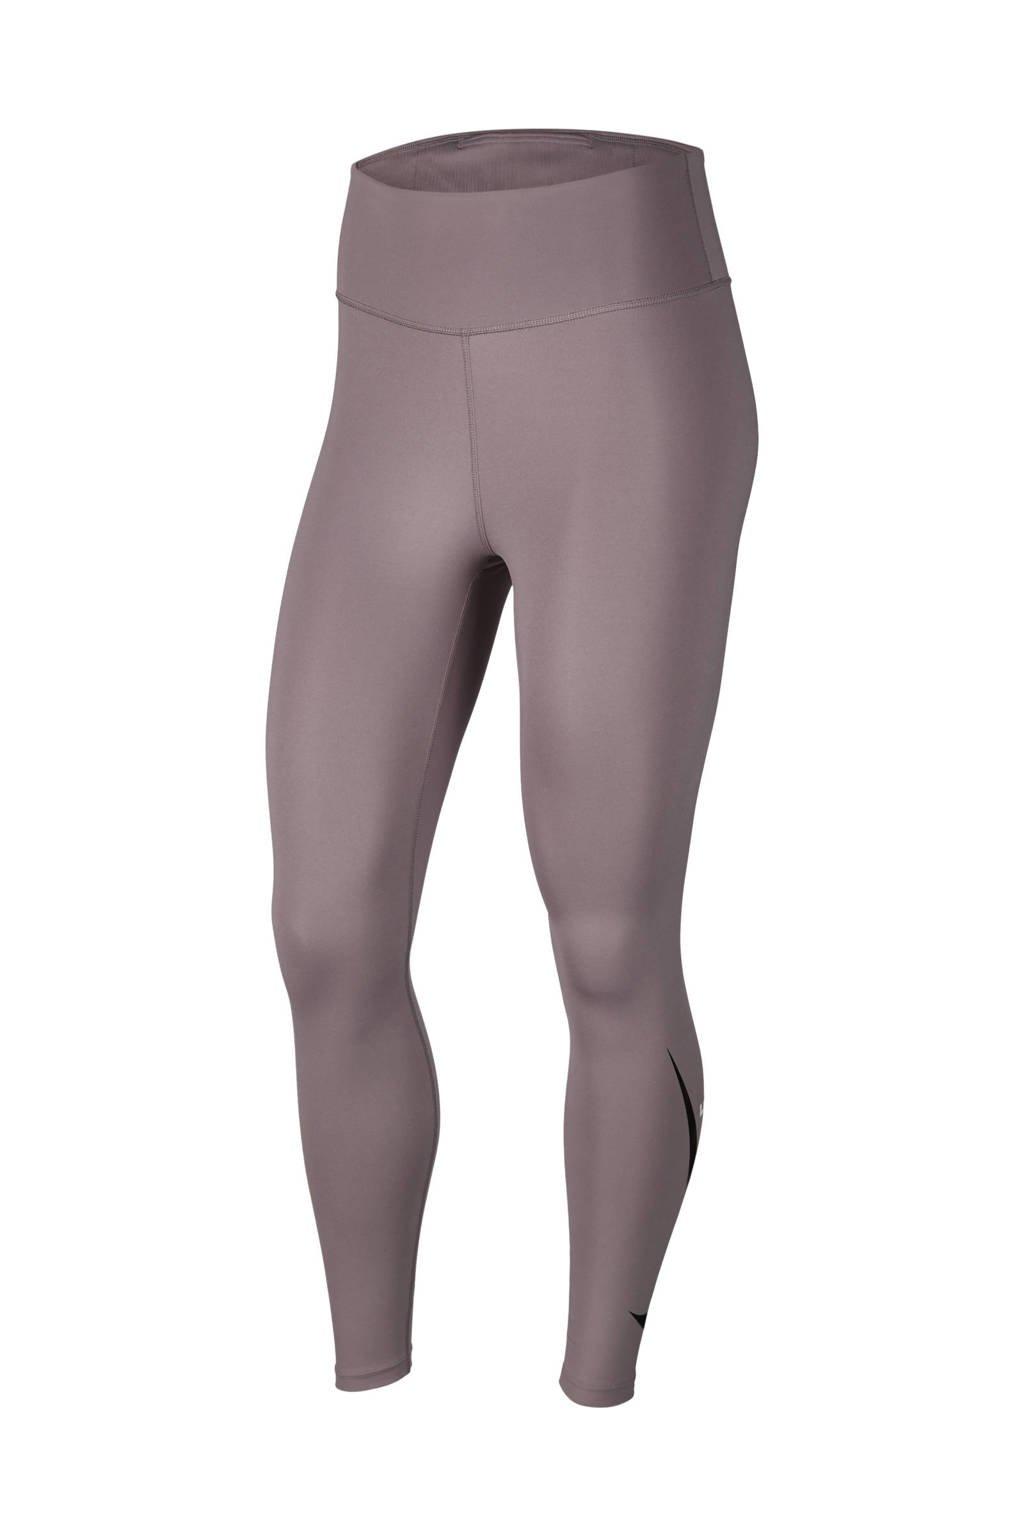 Nike hardlooplegging paars/zilvergrijs